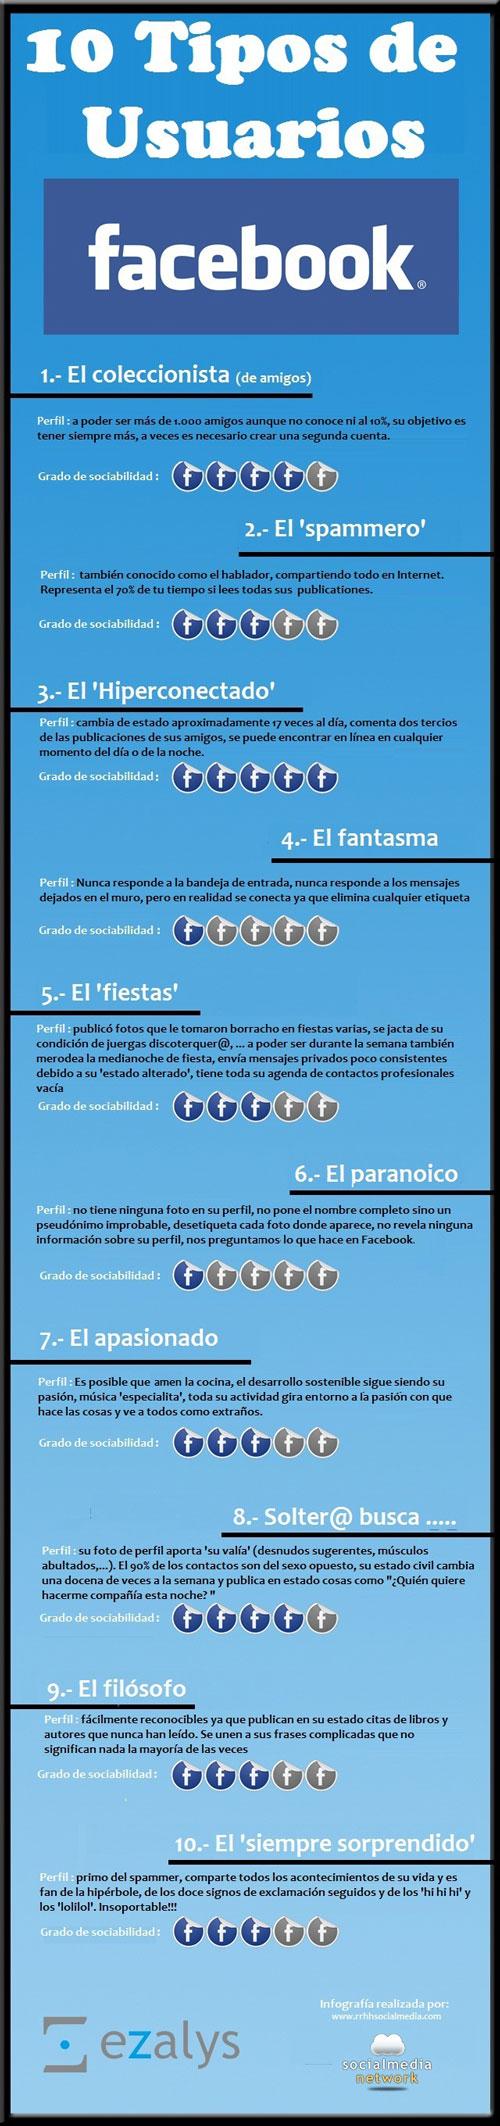 Los 10 tipos de usuarios en Facebook (Infografía)